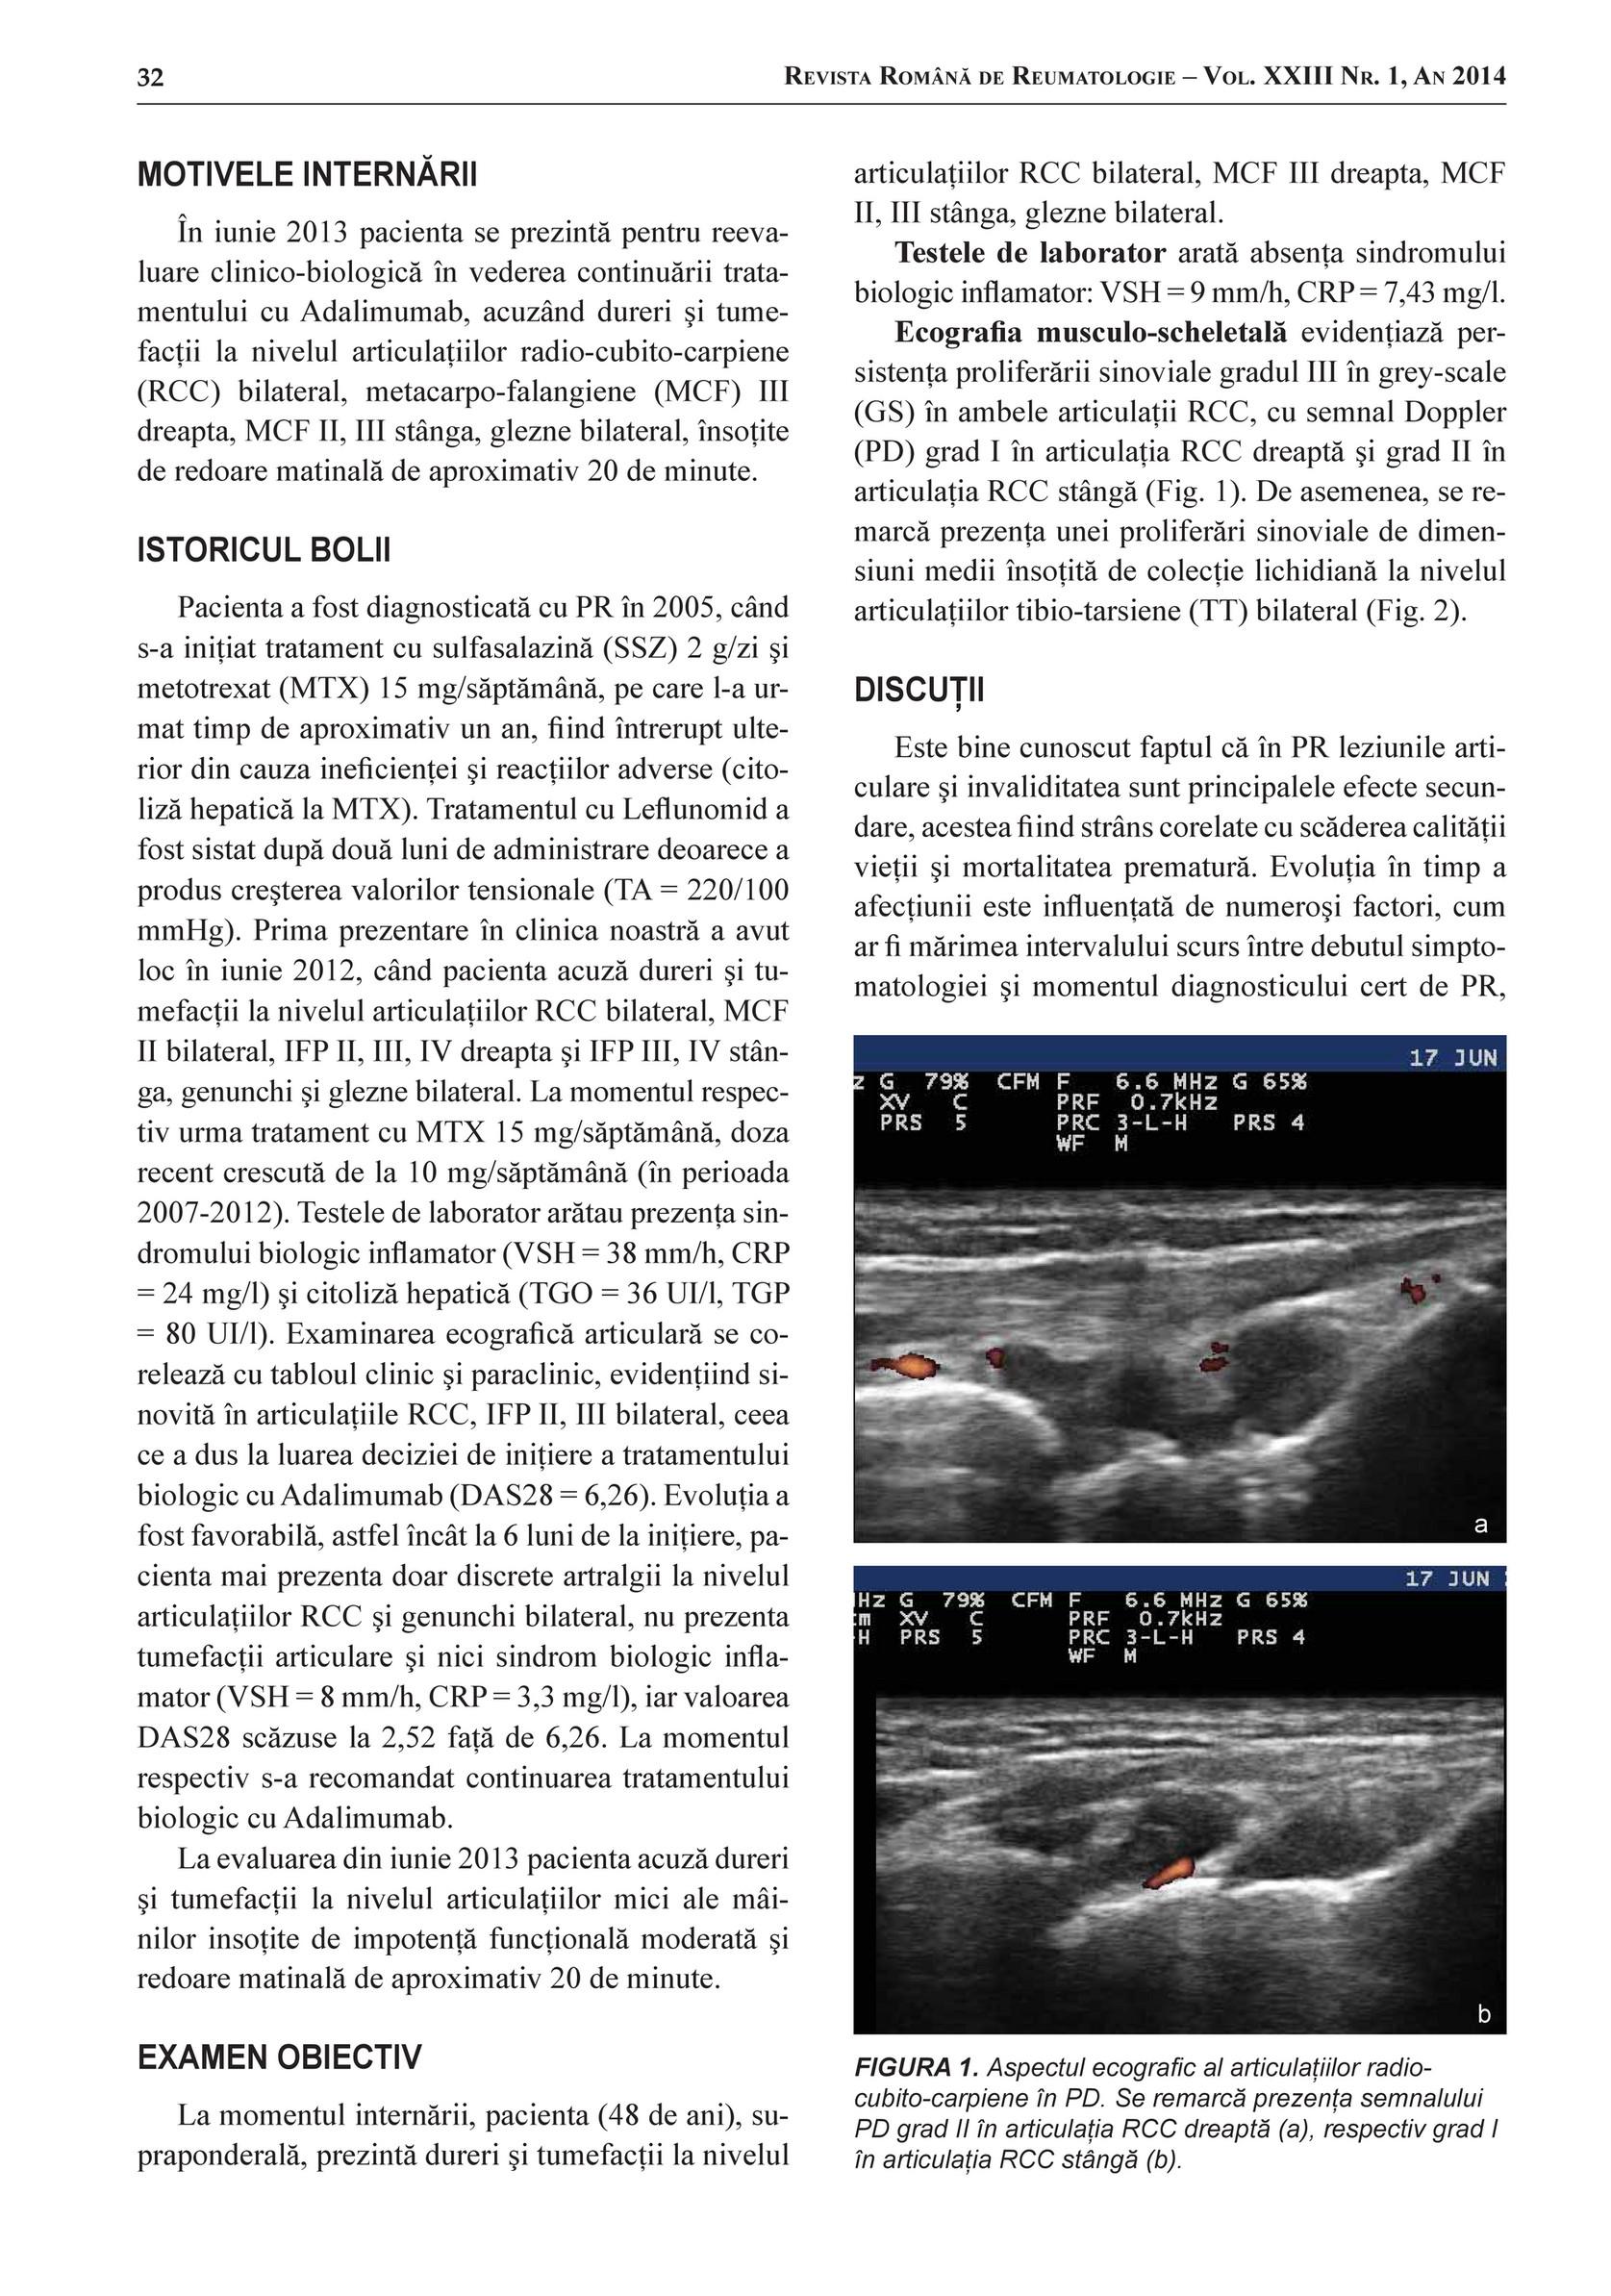 dureri carpiene deteriorarea capsulei tratamentului articulației umărului